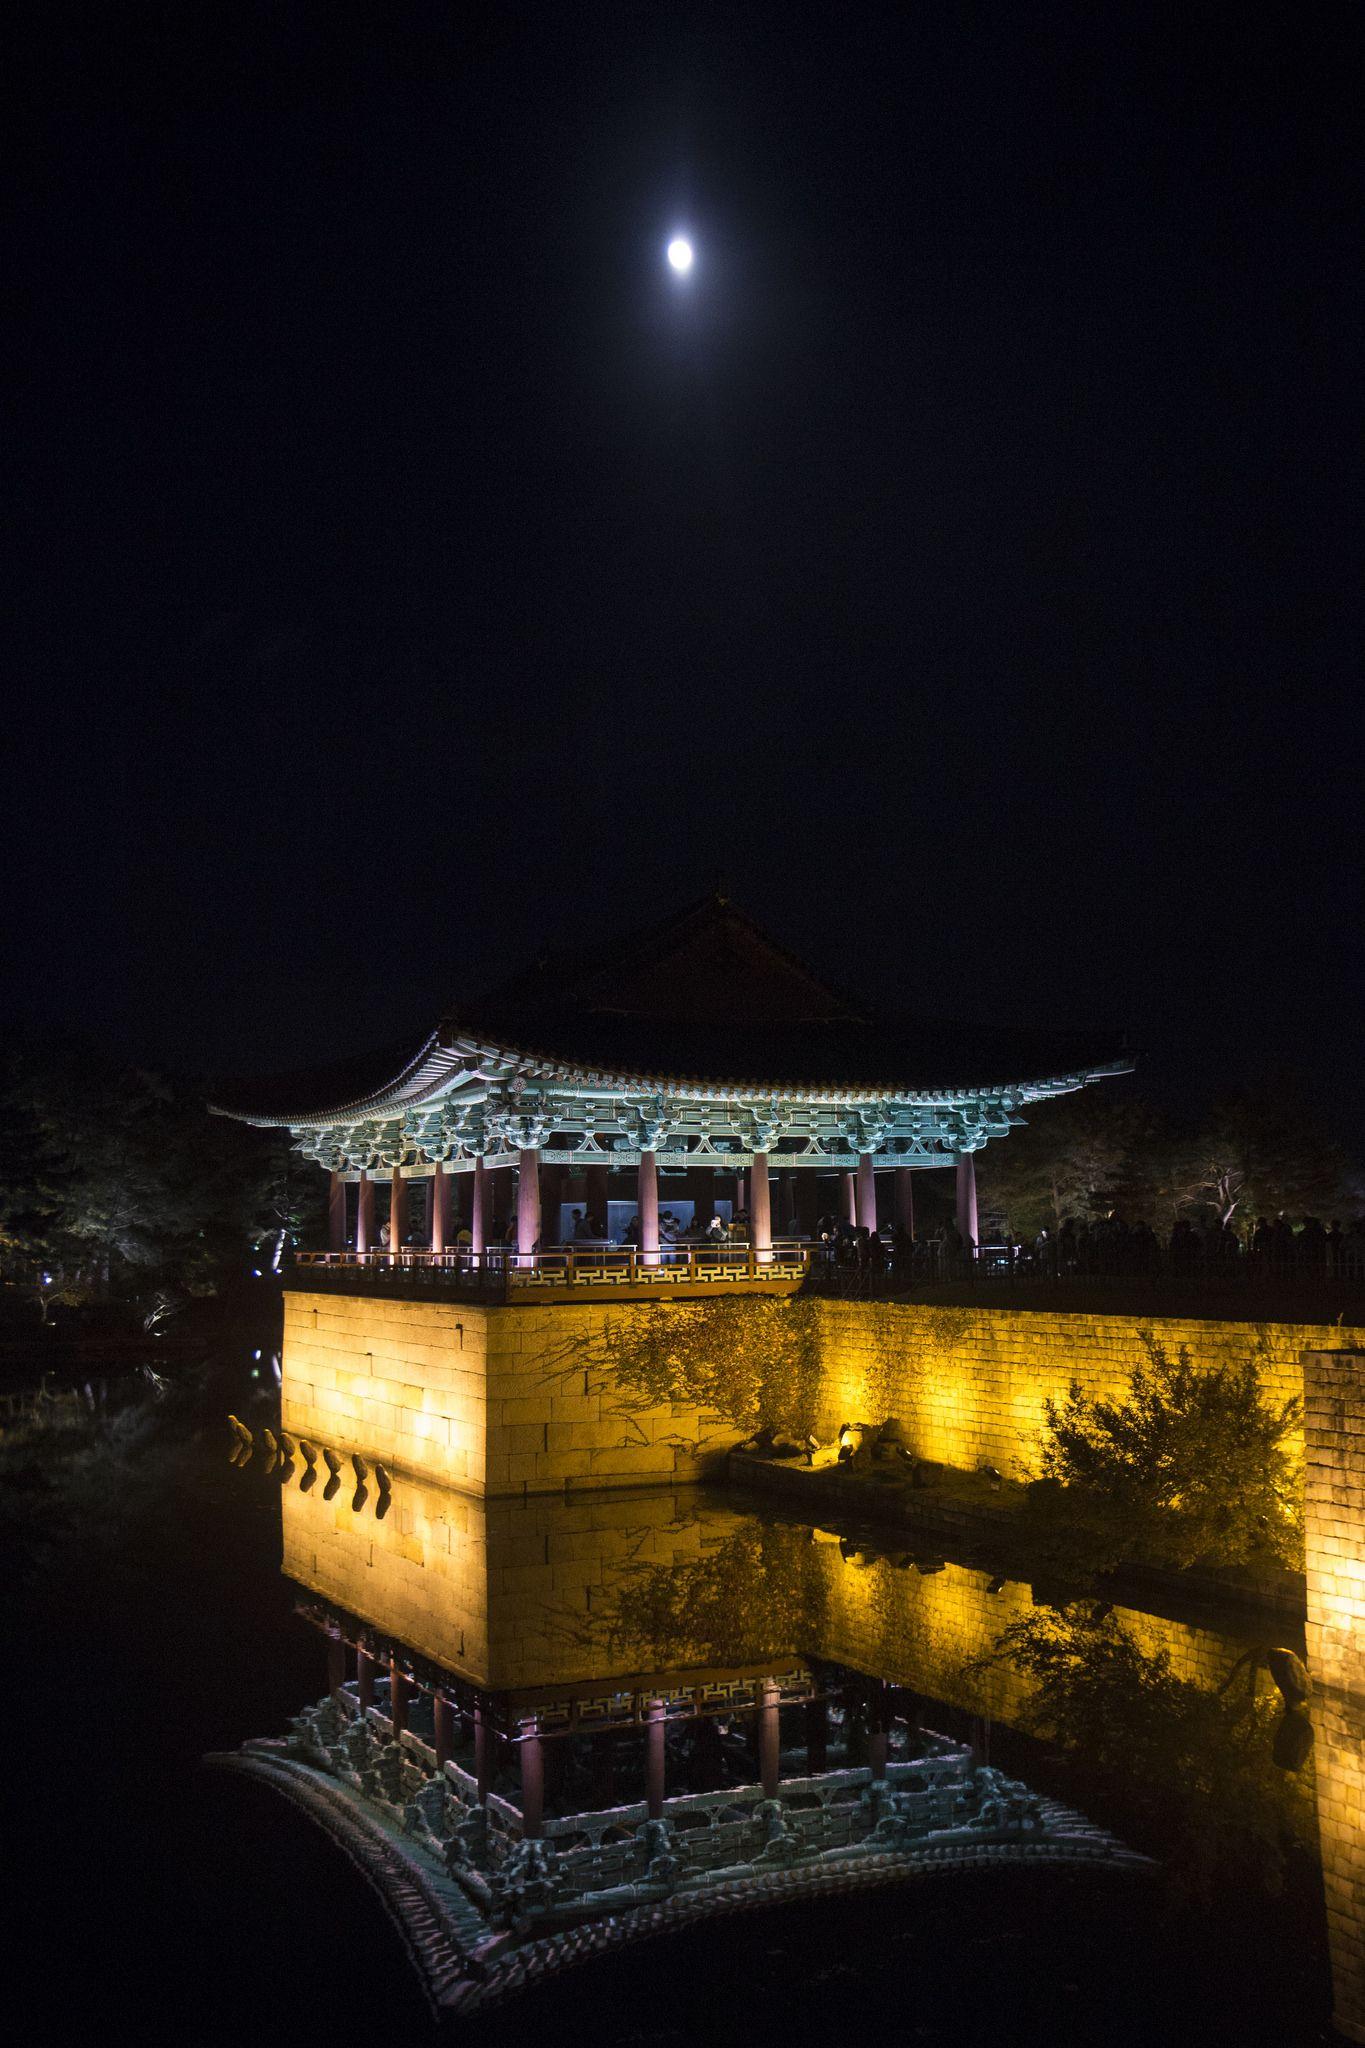 https://flic.kr/p/DZ6Dna | Gyeong-ju, Donggung